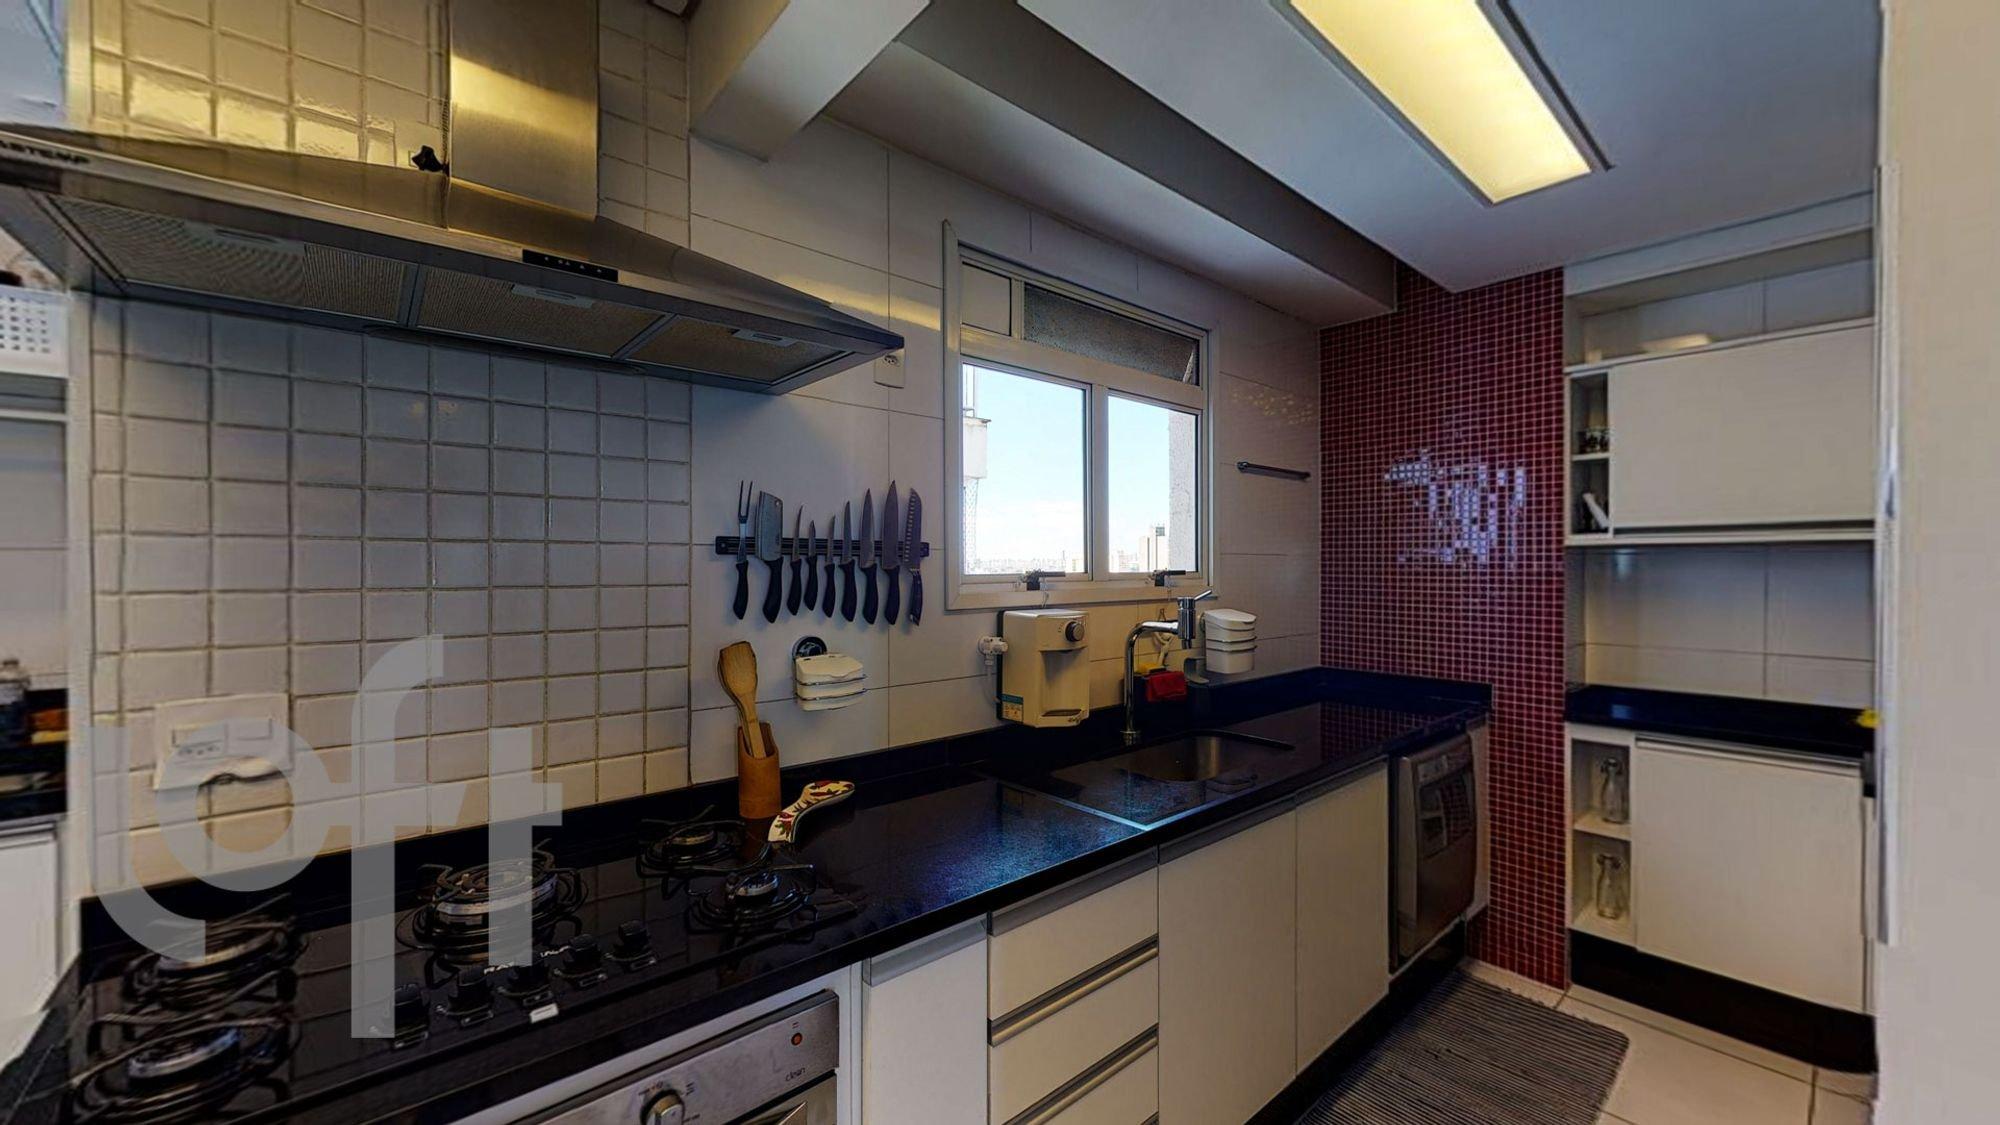 Foto de Cozinha com faca